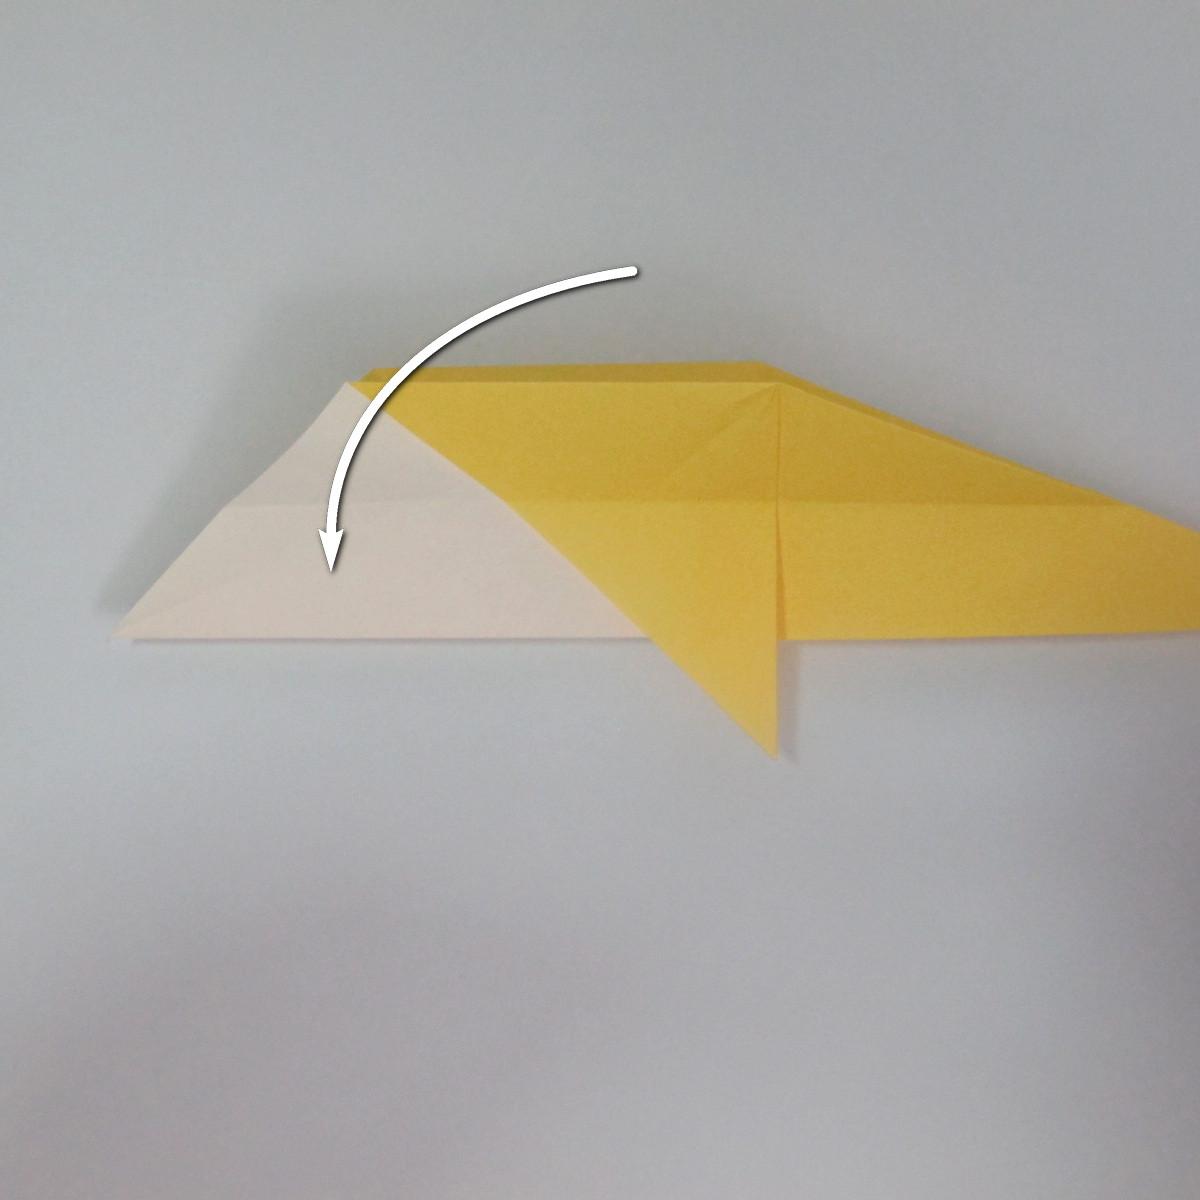 สอนวิธีพับกระดาษเป็นรูปลูกสุนัขยืนสองขา แบบของพอล ฟราสโก้ (Down Boy Dog Origami) 049